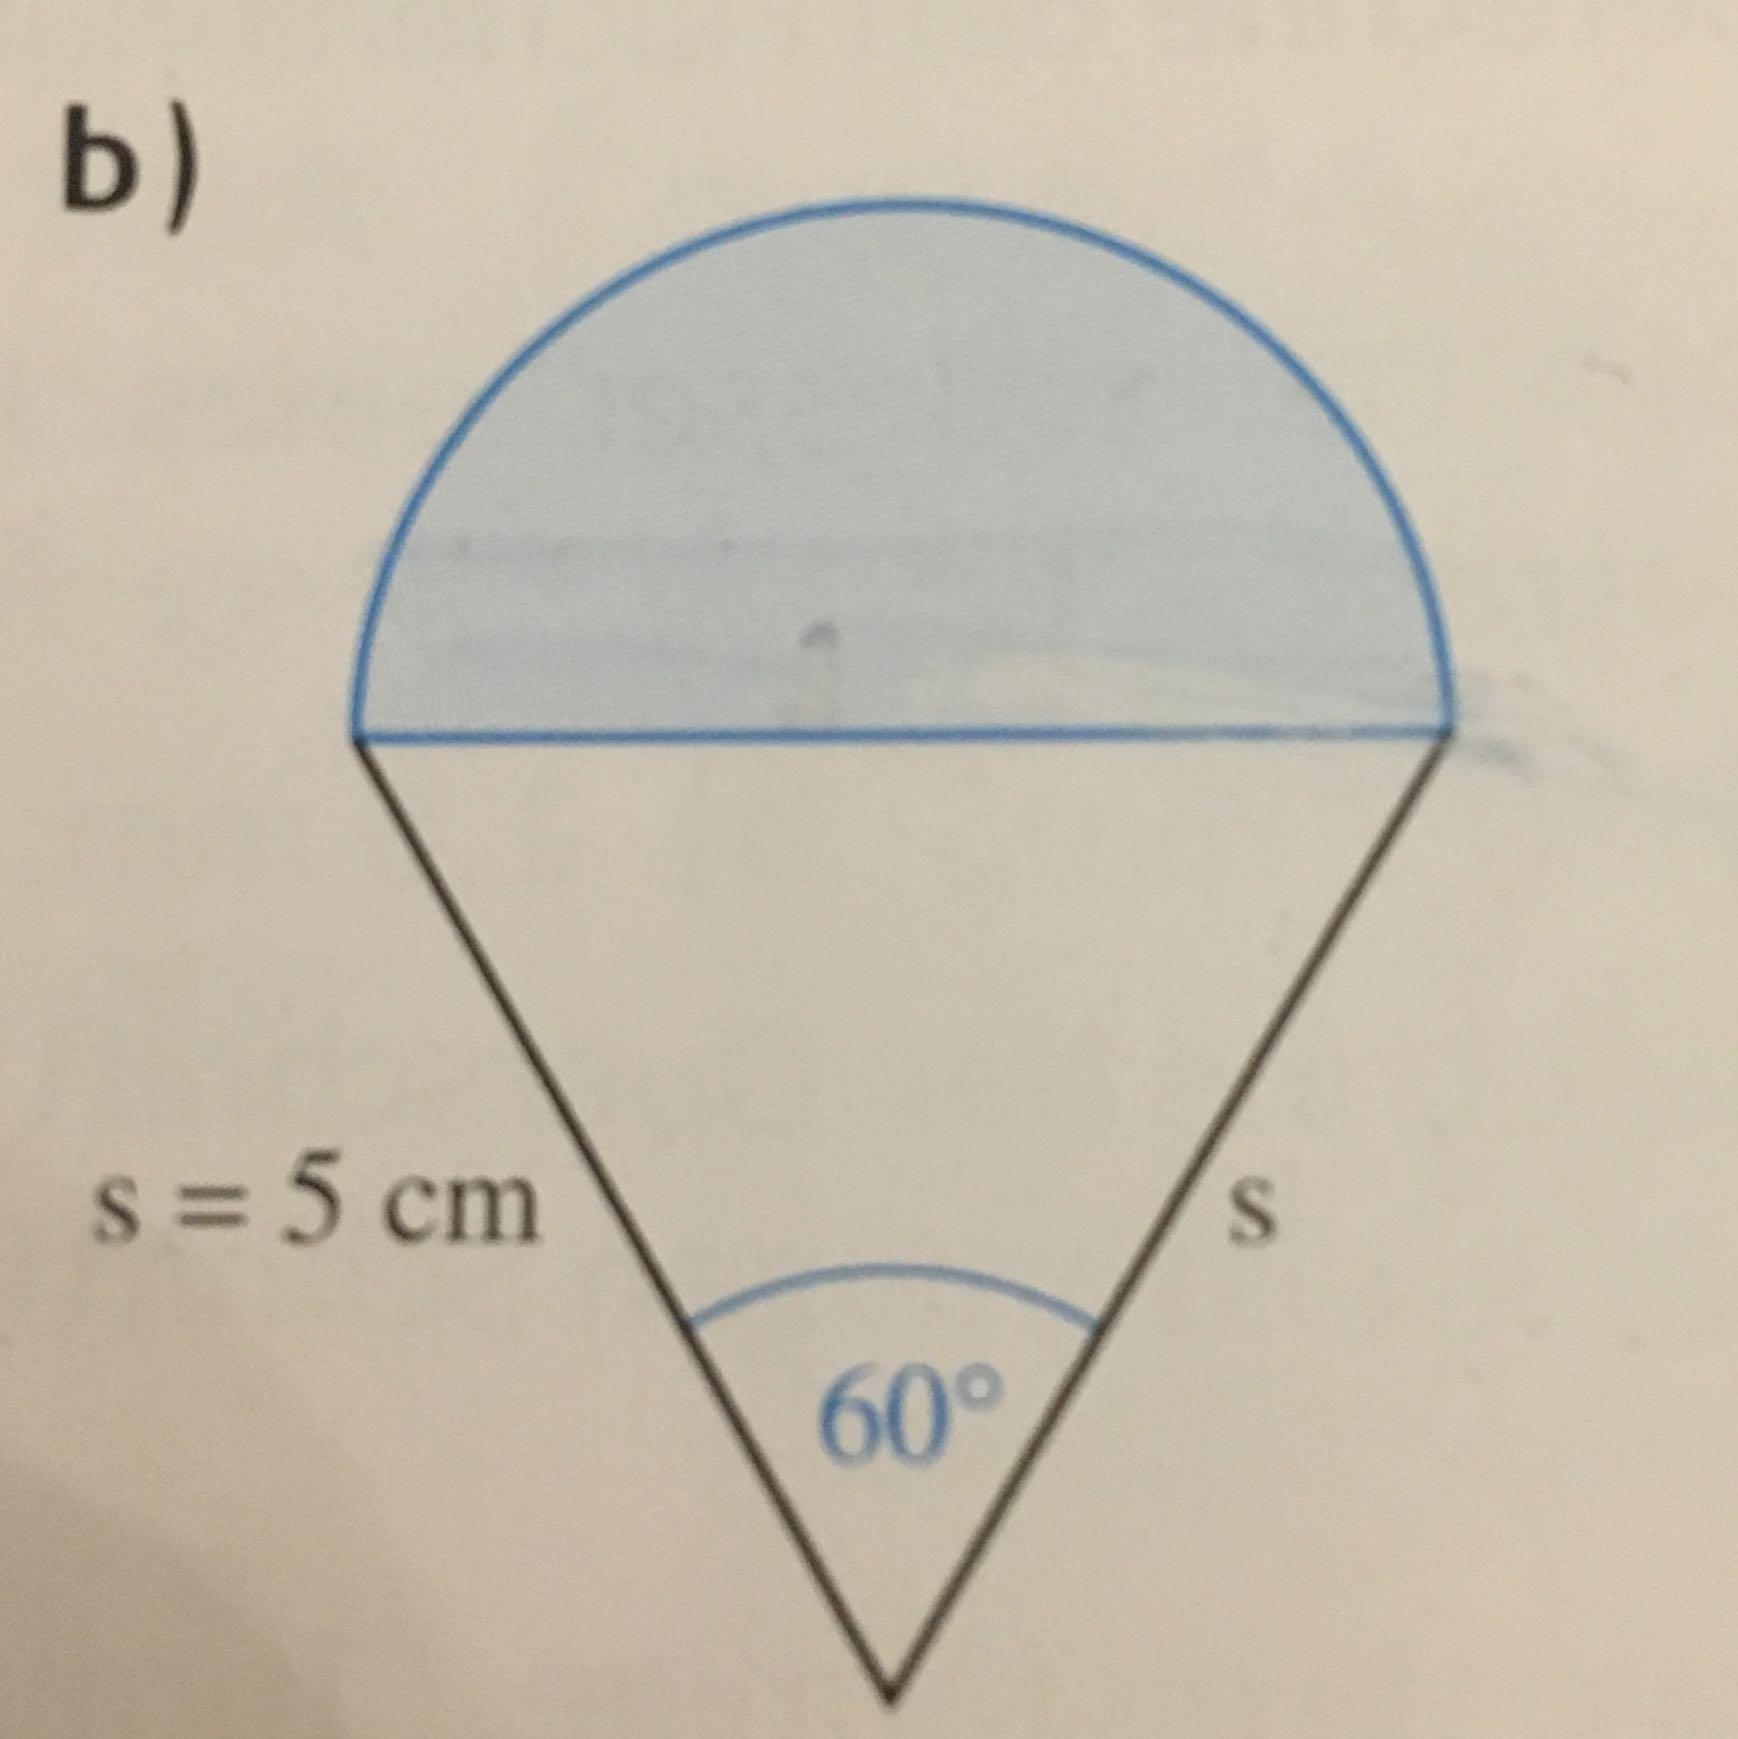 Formel Für Kreisfläche Formel Für Kreisfläche Jtleigh Hausgestaltung Ideen